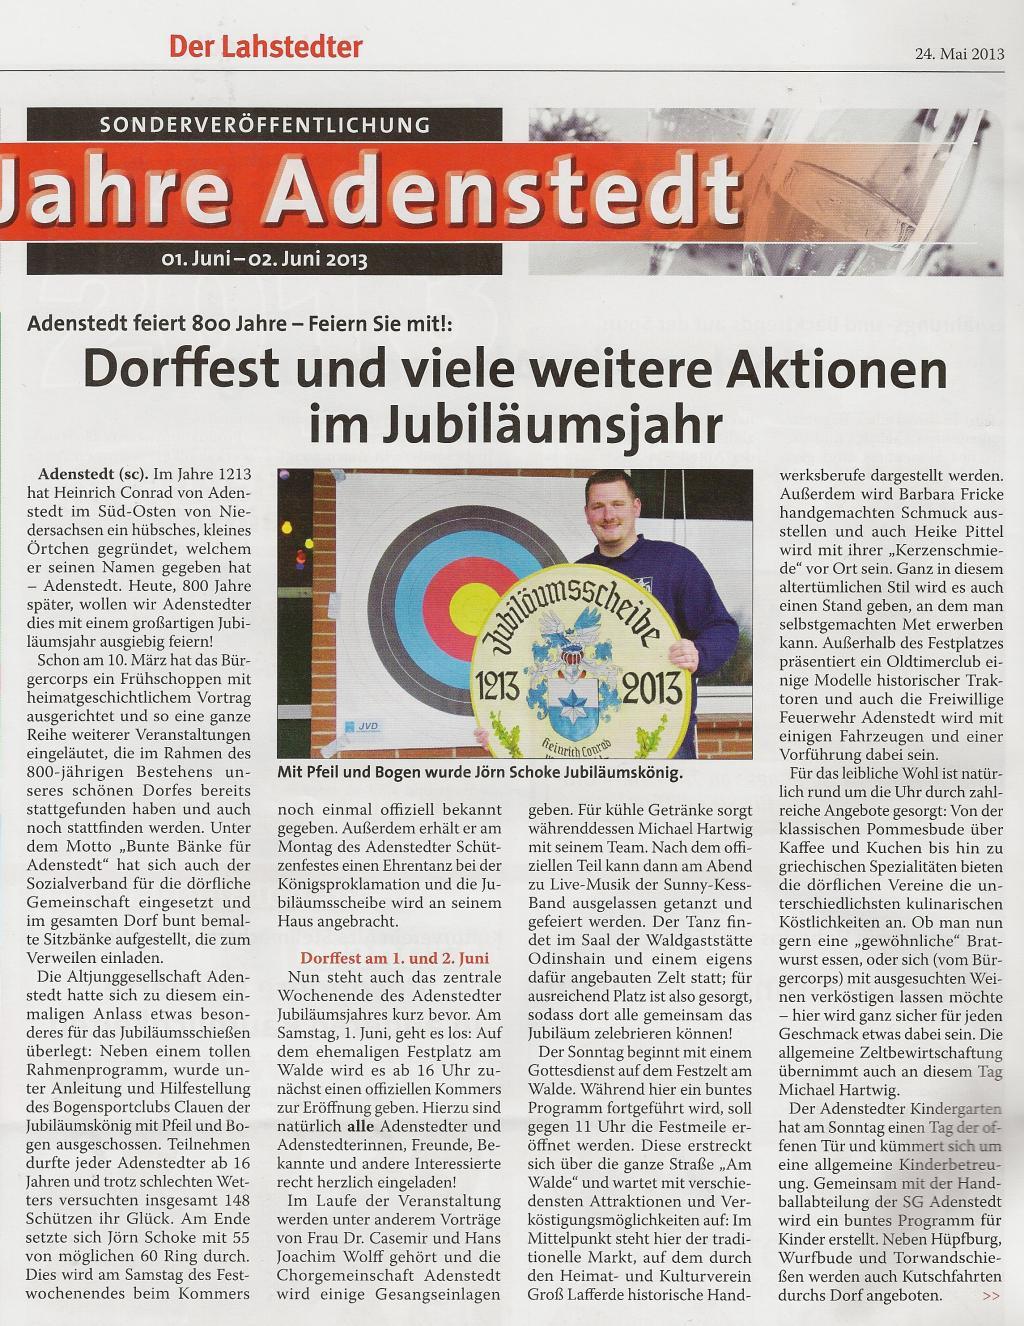 www.gelbesblatt.info Berichterstattung Dorffest